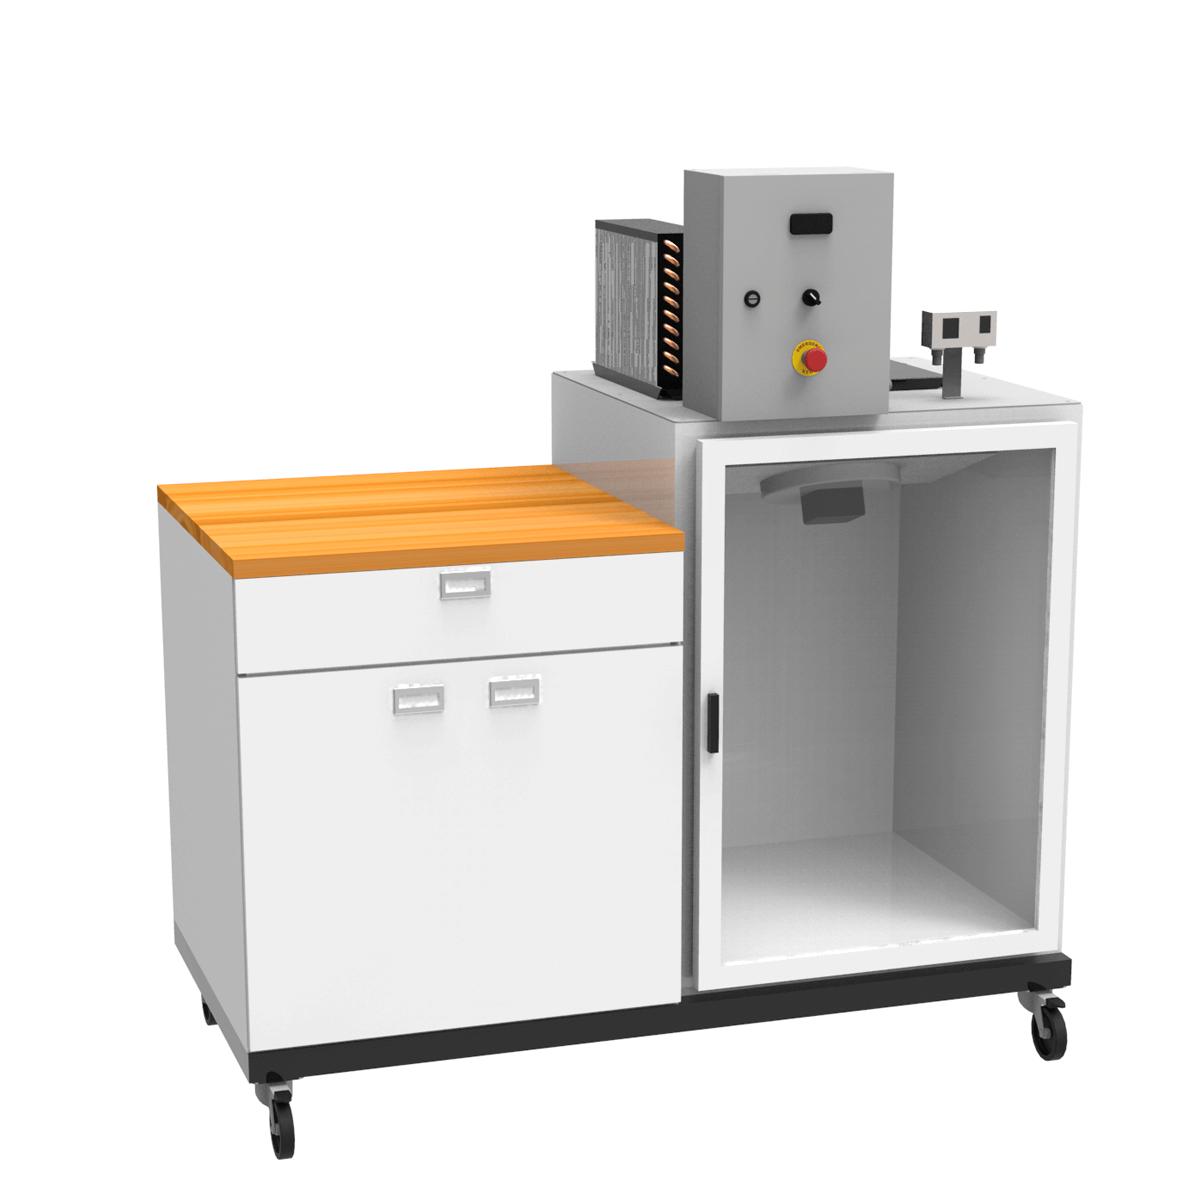 lab-de-refrigeracao-comercial-bancada-didatica-montagem-de-refrigeracao-auttom-2